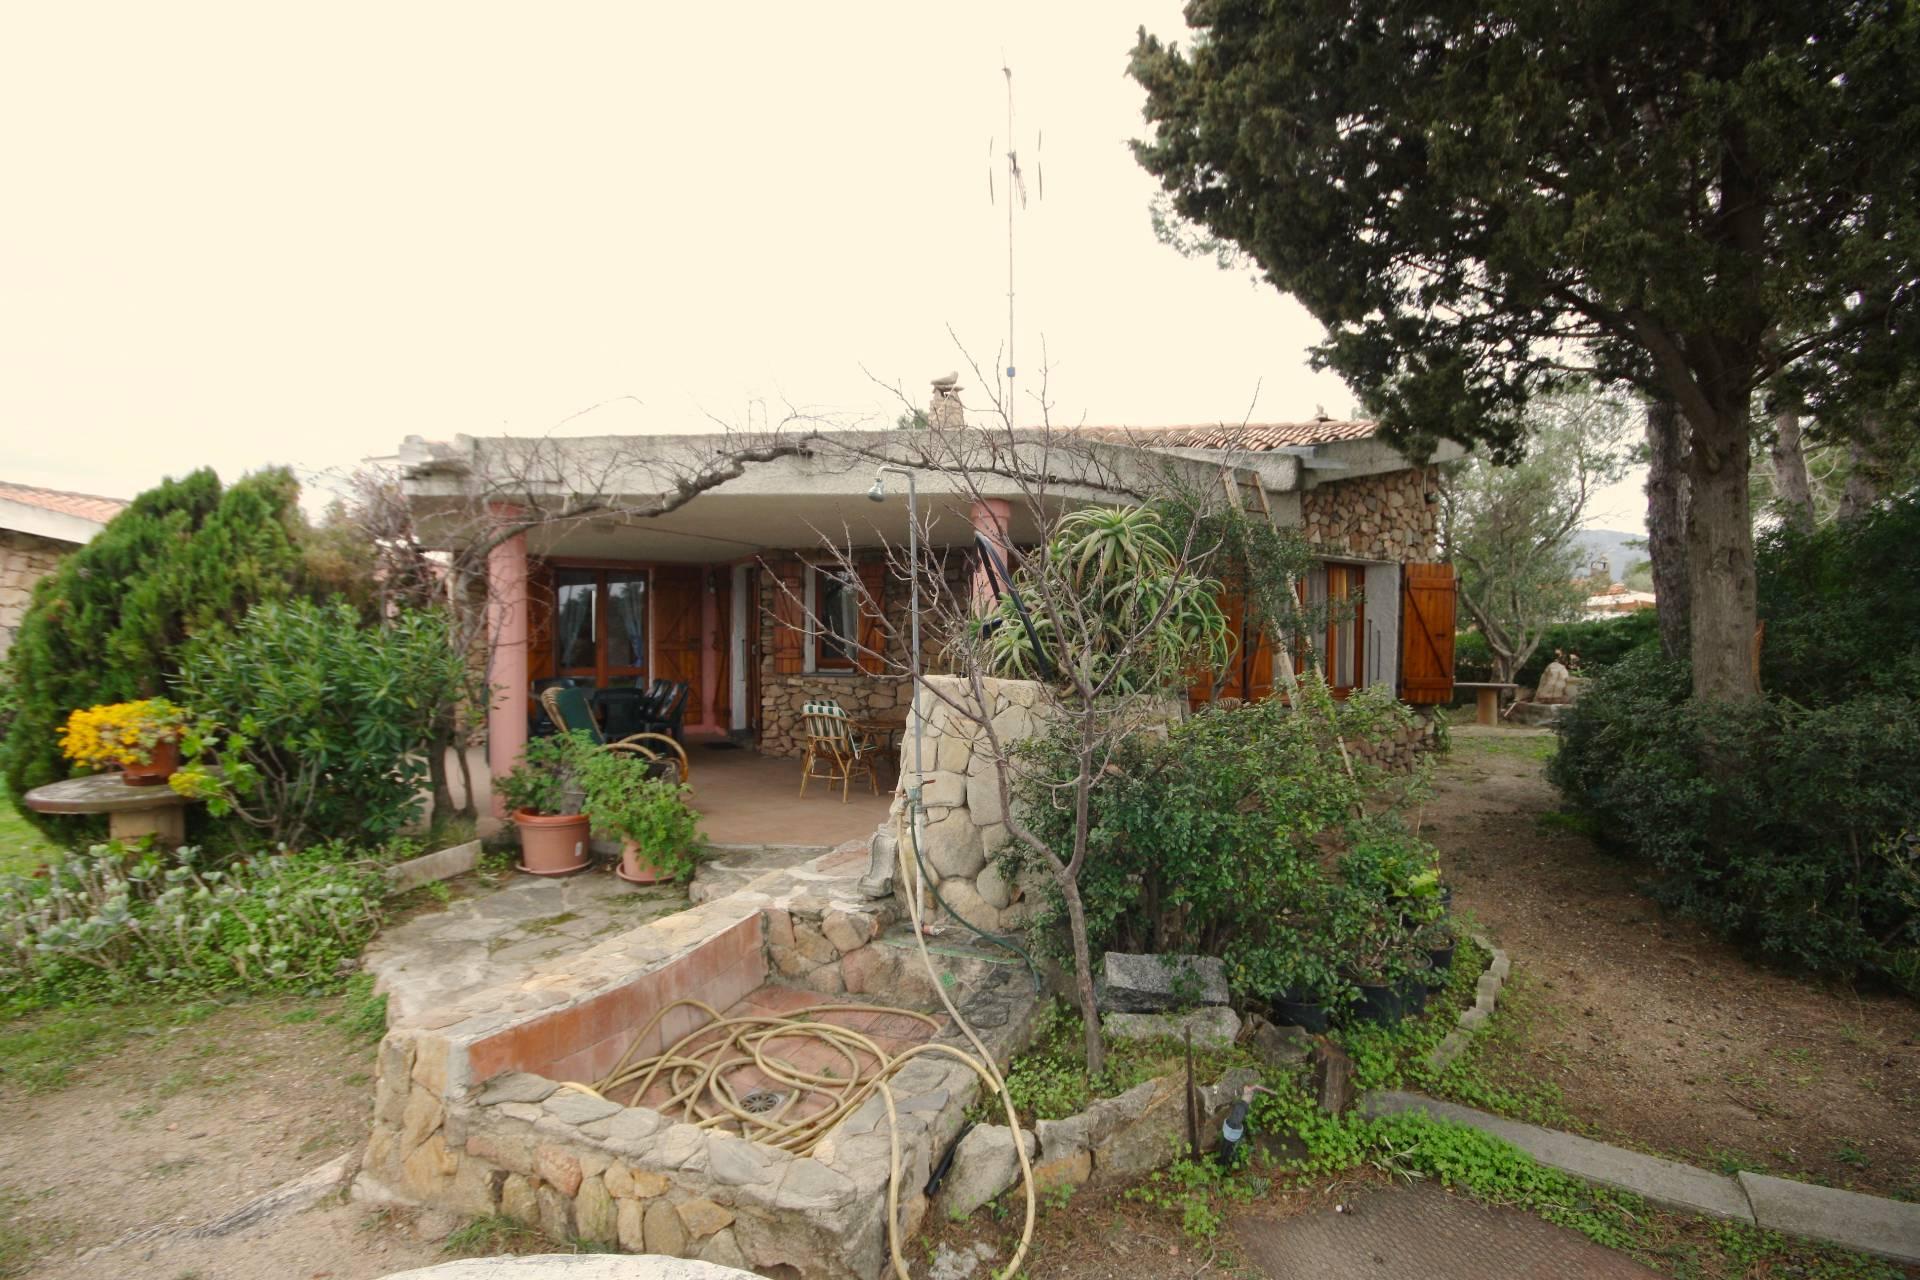 Immobile Turistico in affitto a Olbia - Porto Rotondo, 5 locali, prezzo € 490 | CambioCasa.it